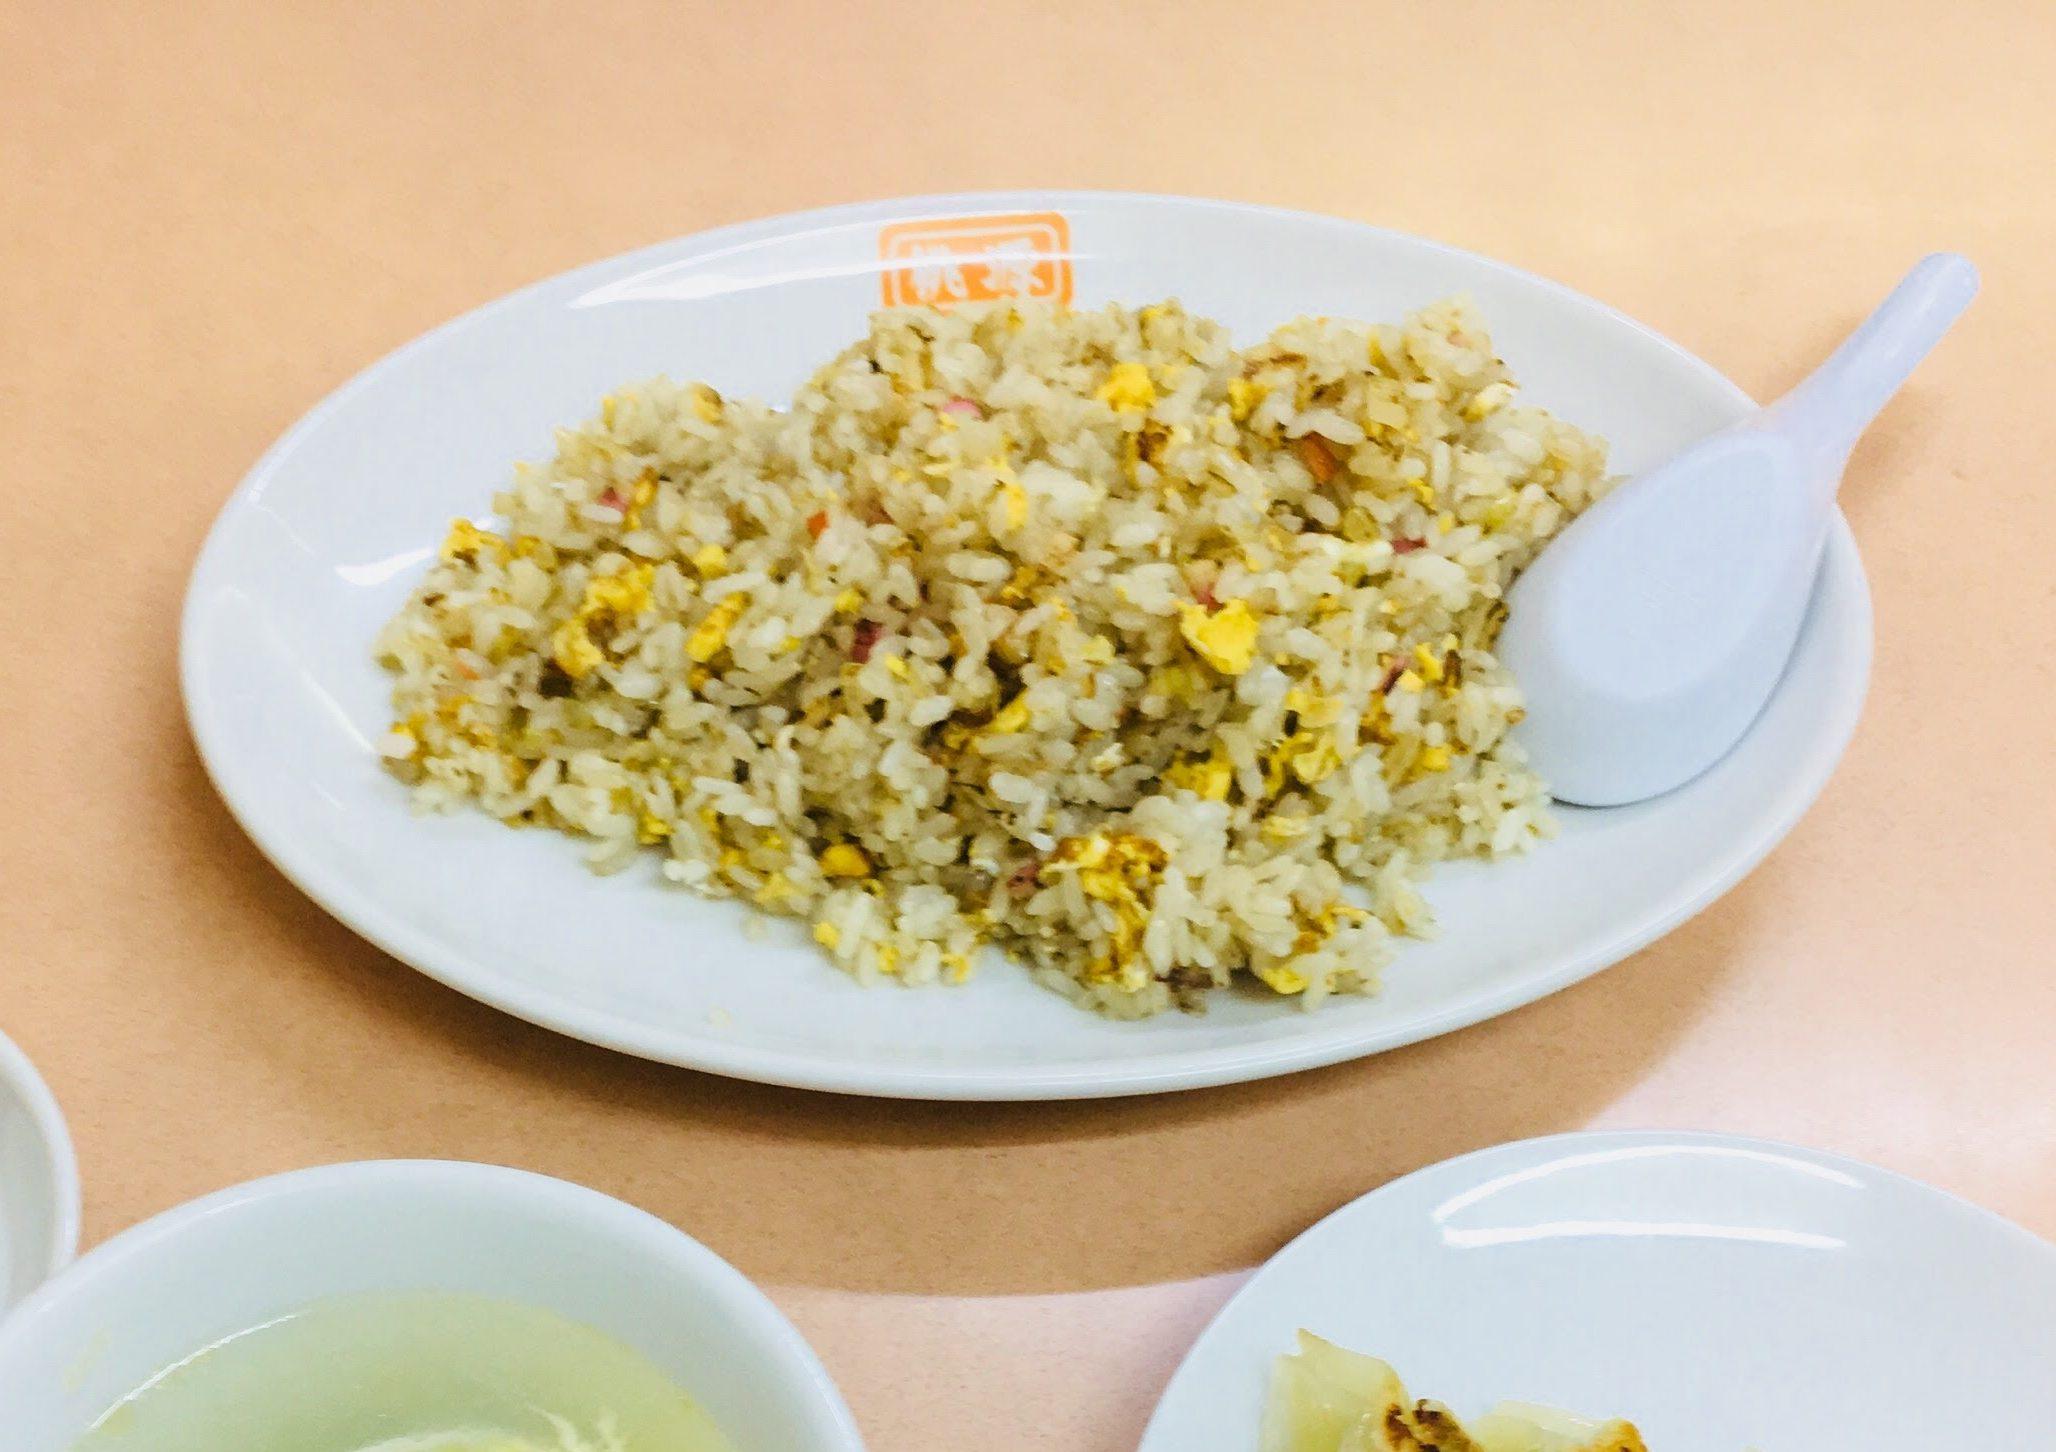 【桃源】花畑町で食べられるサラリーマンに人気の中華料理店